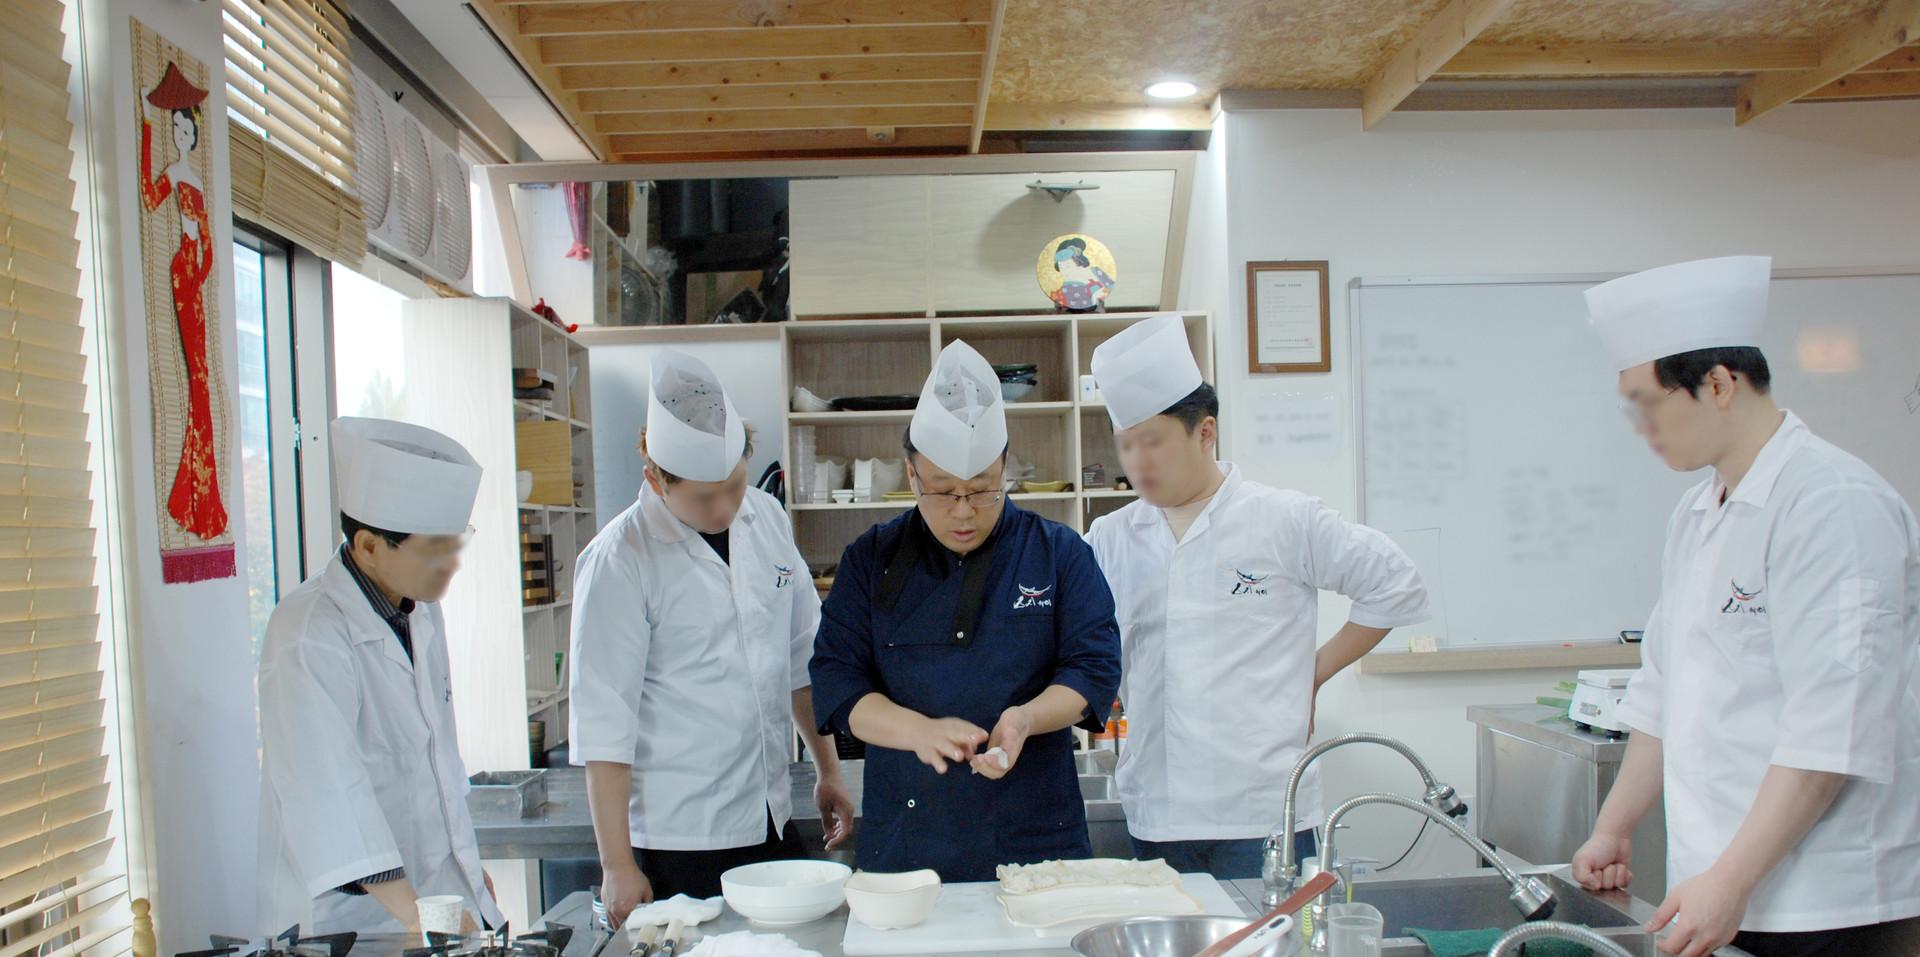 초밥 쥐는 법 시연